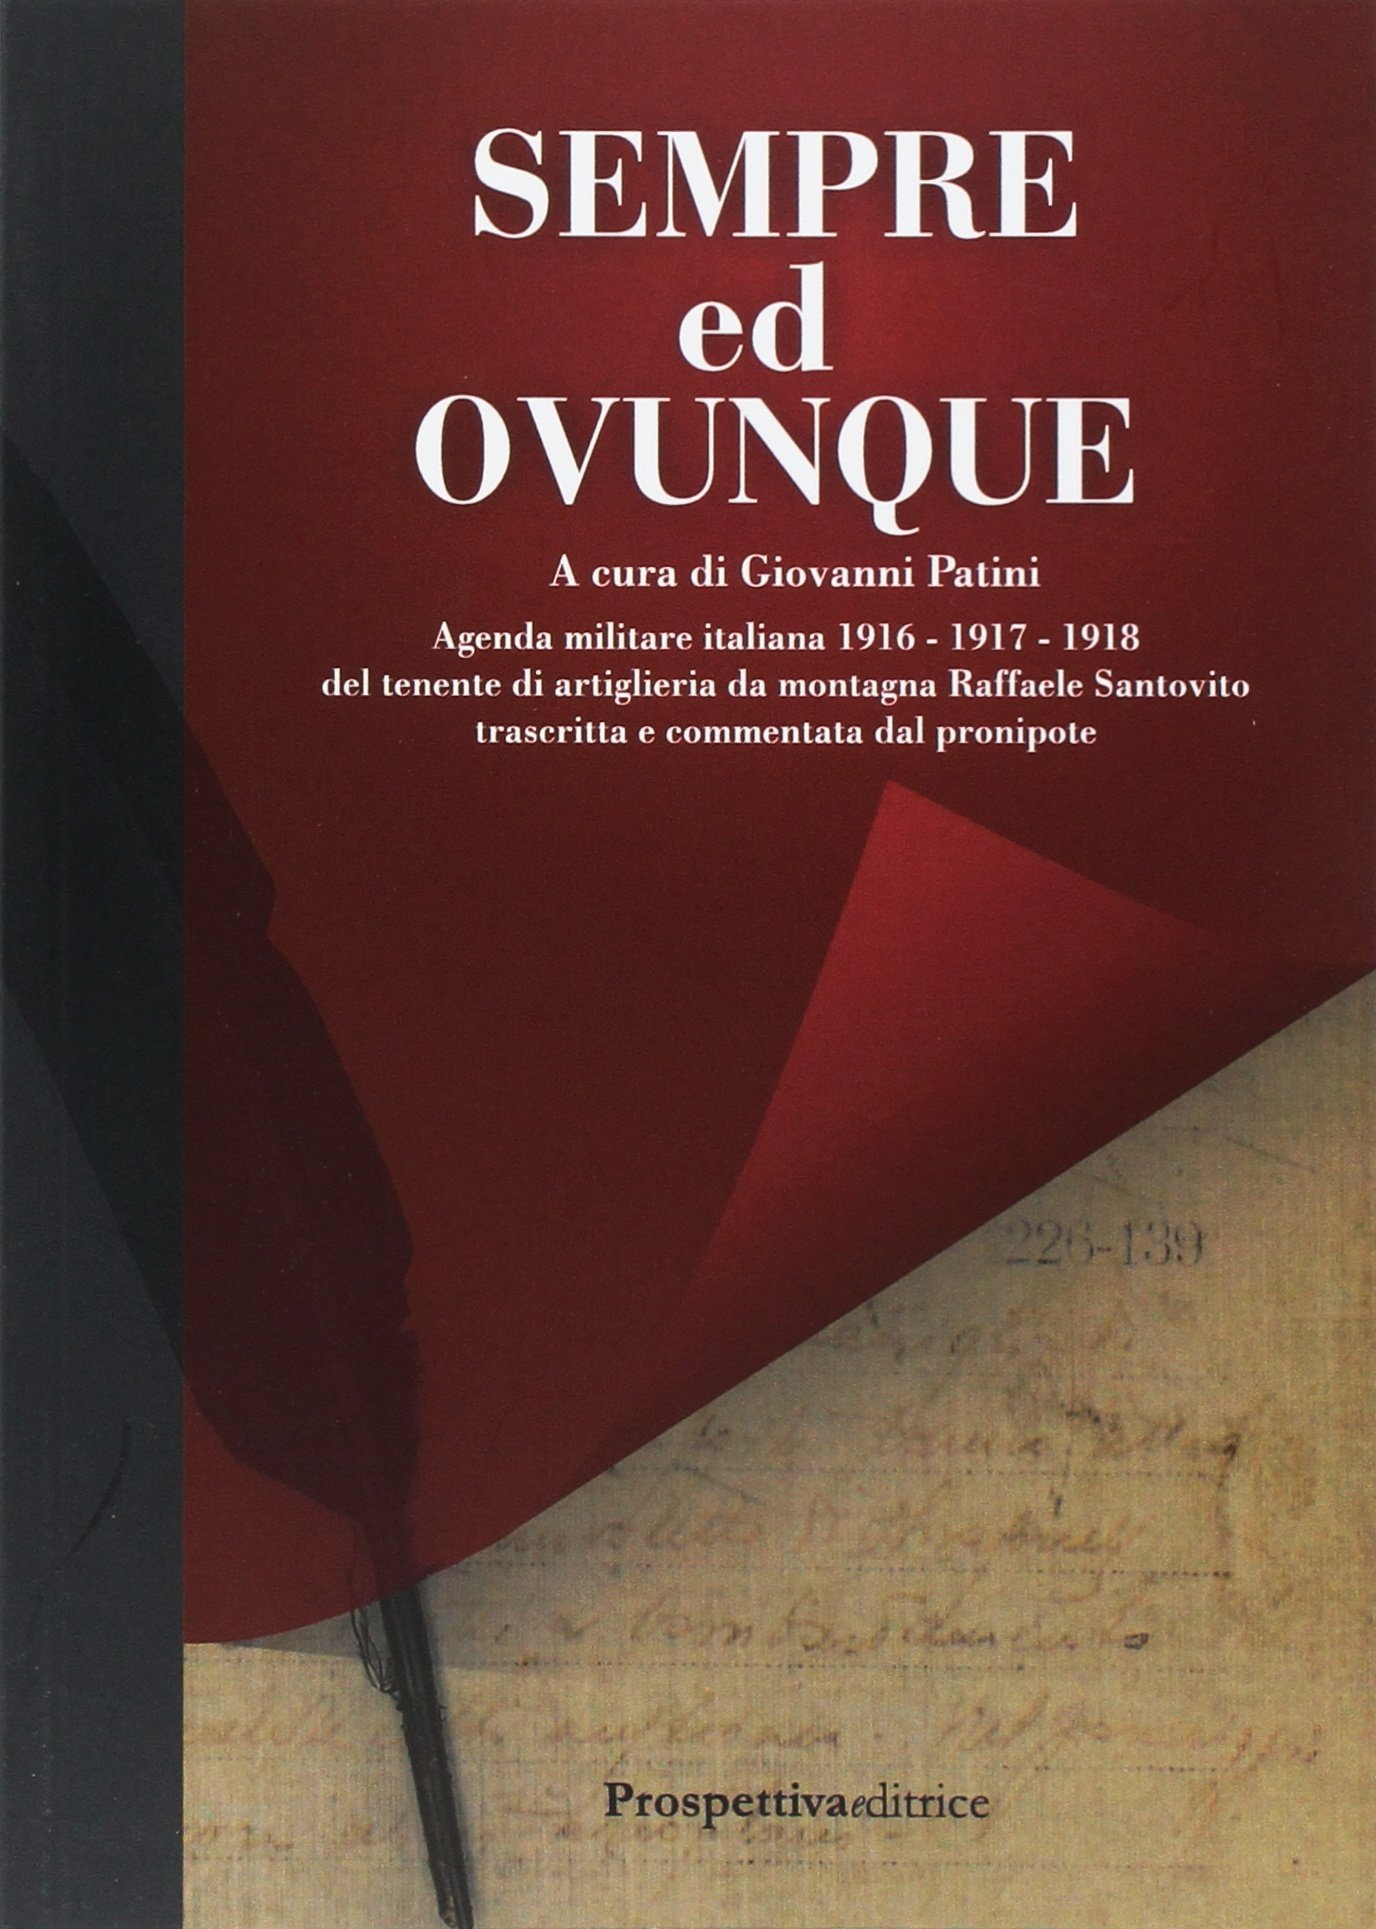 Sempre ed ovunque. Agenda Militare Italiana 1916 - 1917 ...